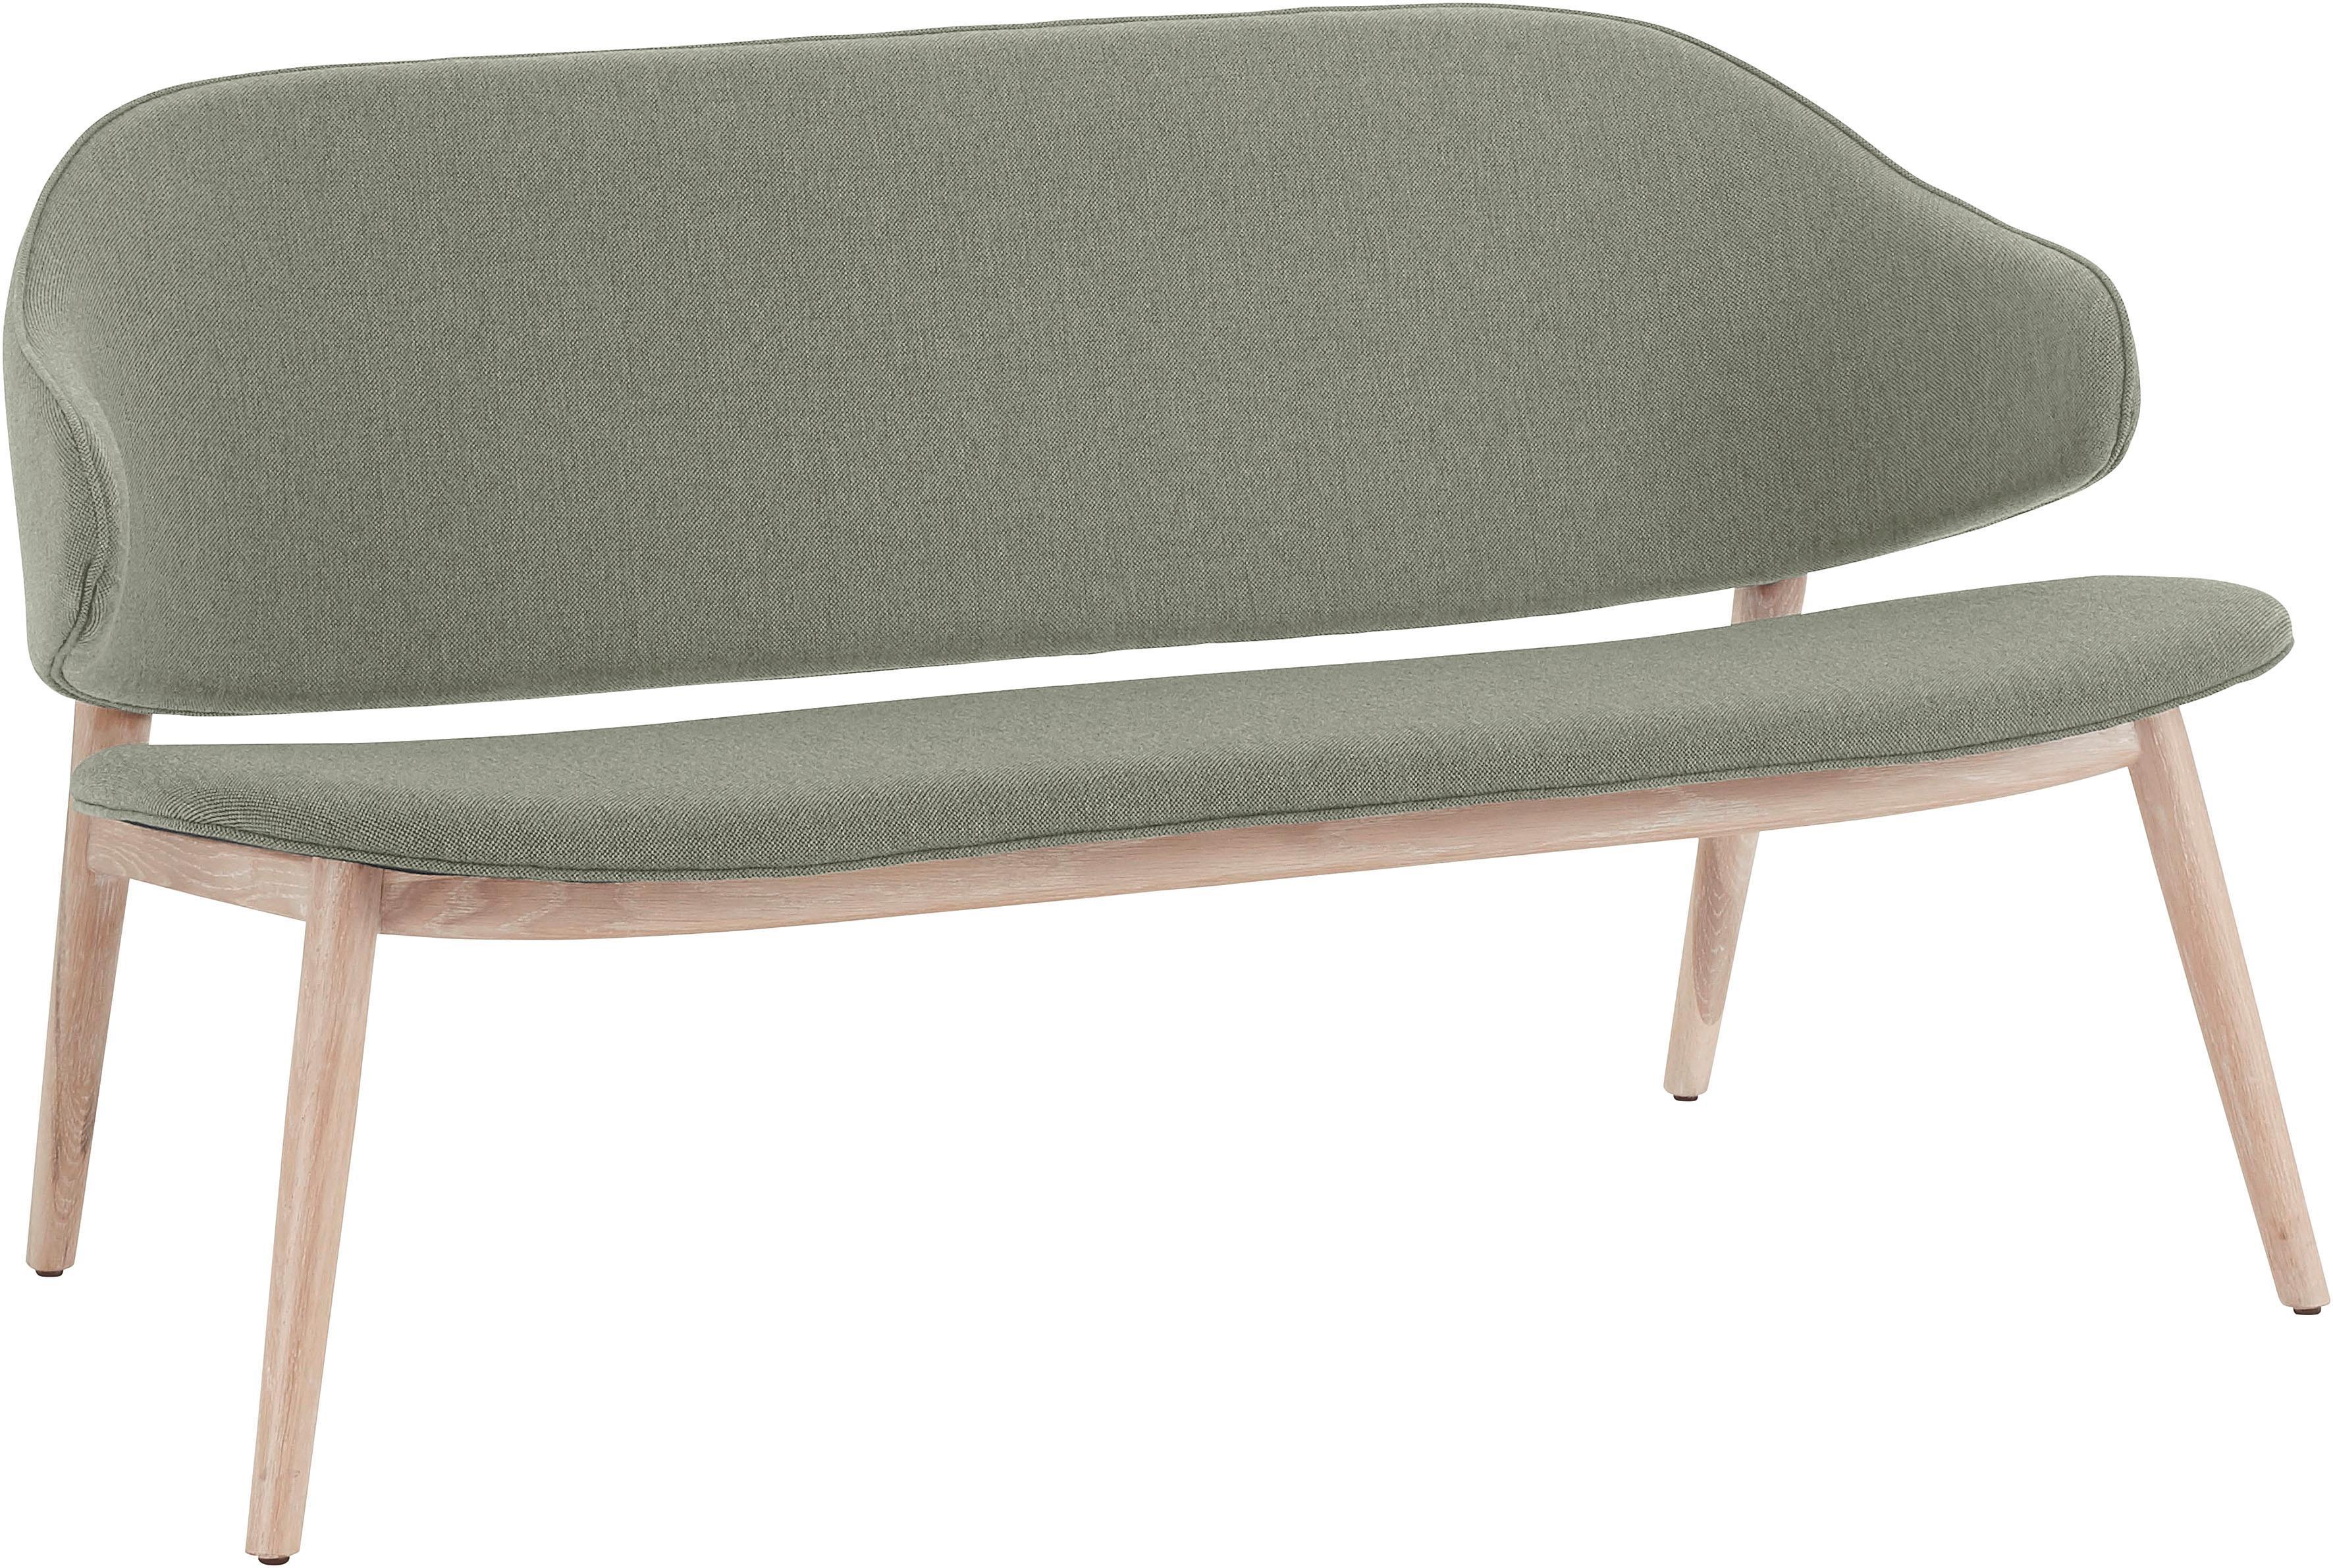 andas Sofabank Sporring mit Beingestell aus massivem Eschenholz Design by Morten Georgsen